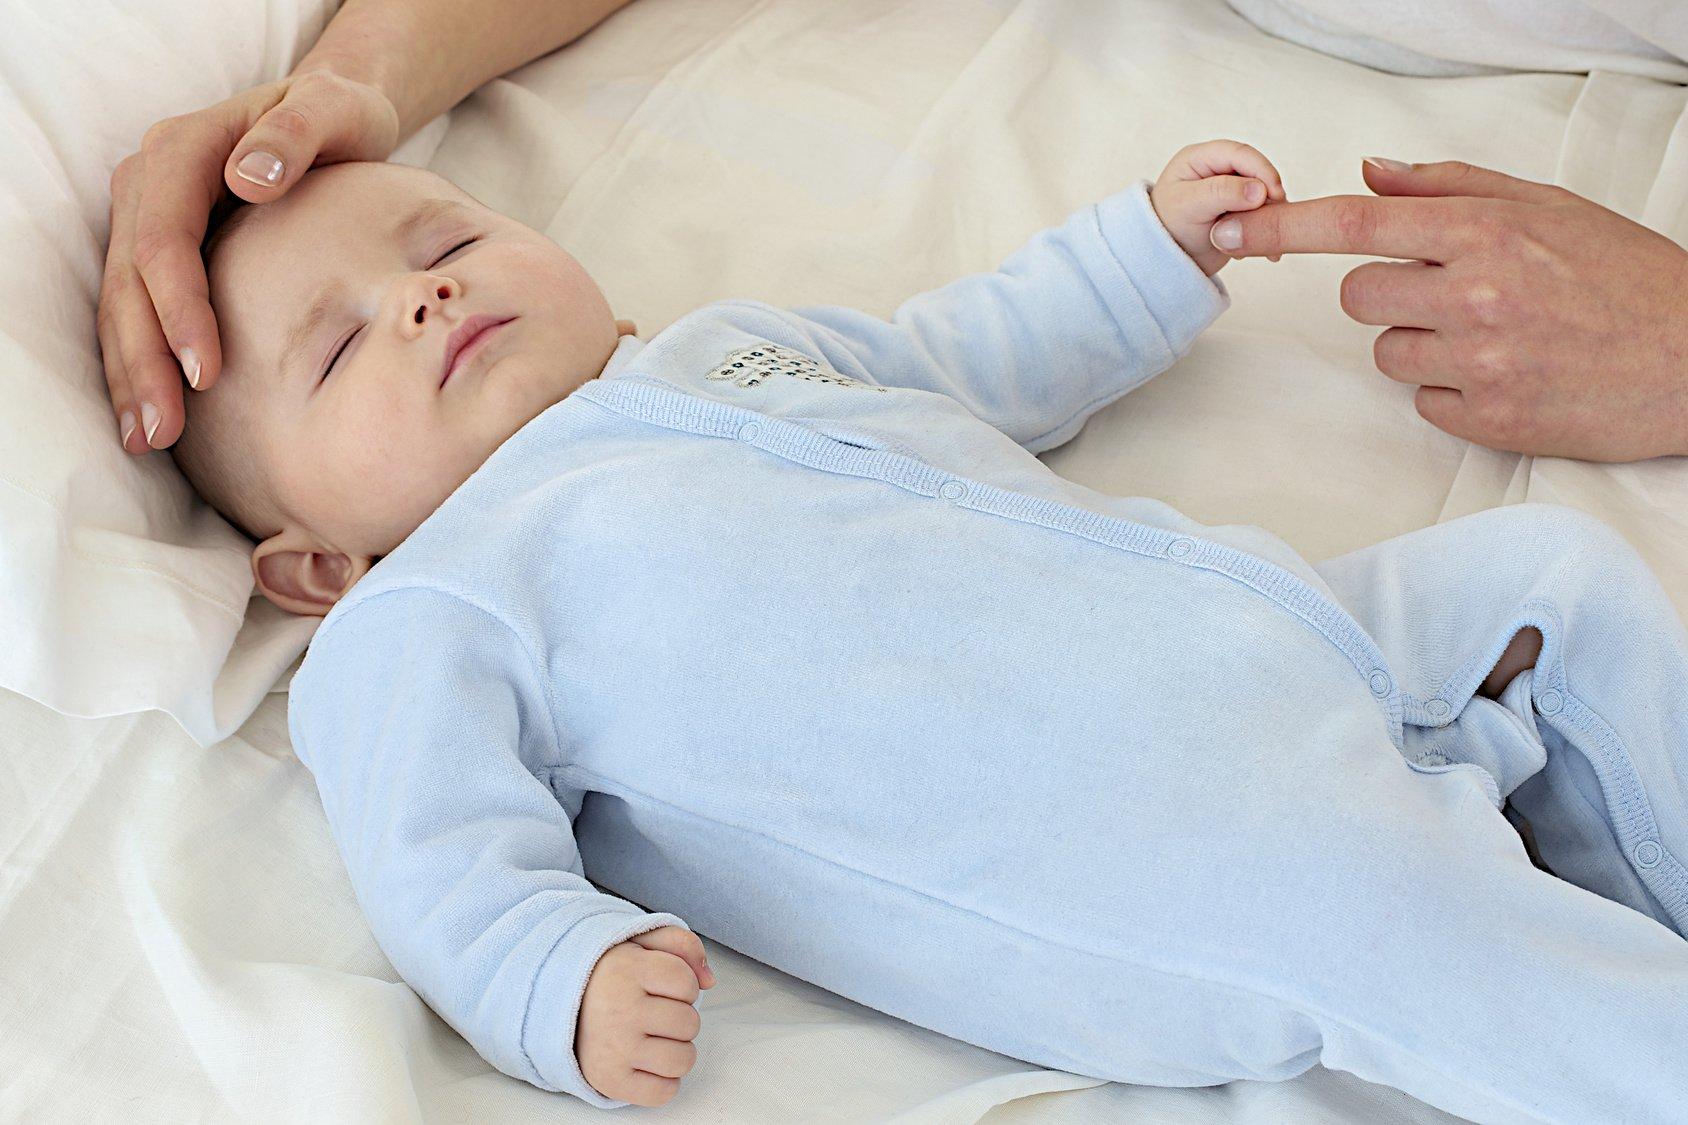 Temperatura corporal sencillos pasos para tomarle a tu beb chiquitosybeb quito ecuador - Temperatura bano bebe ...